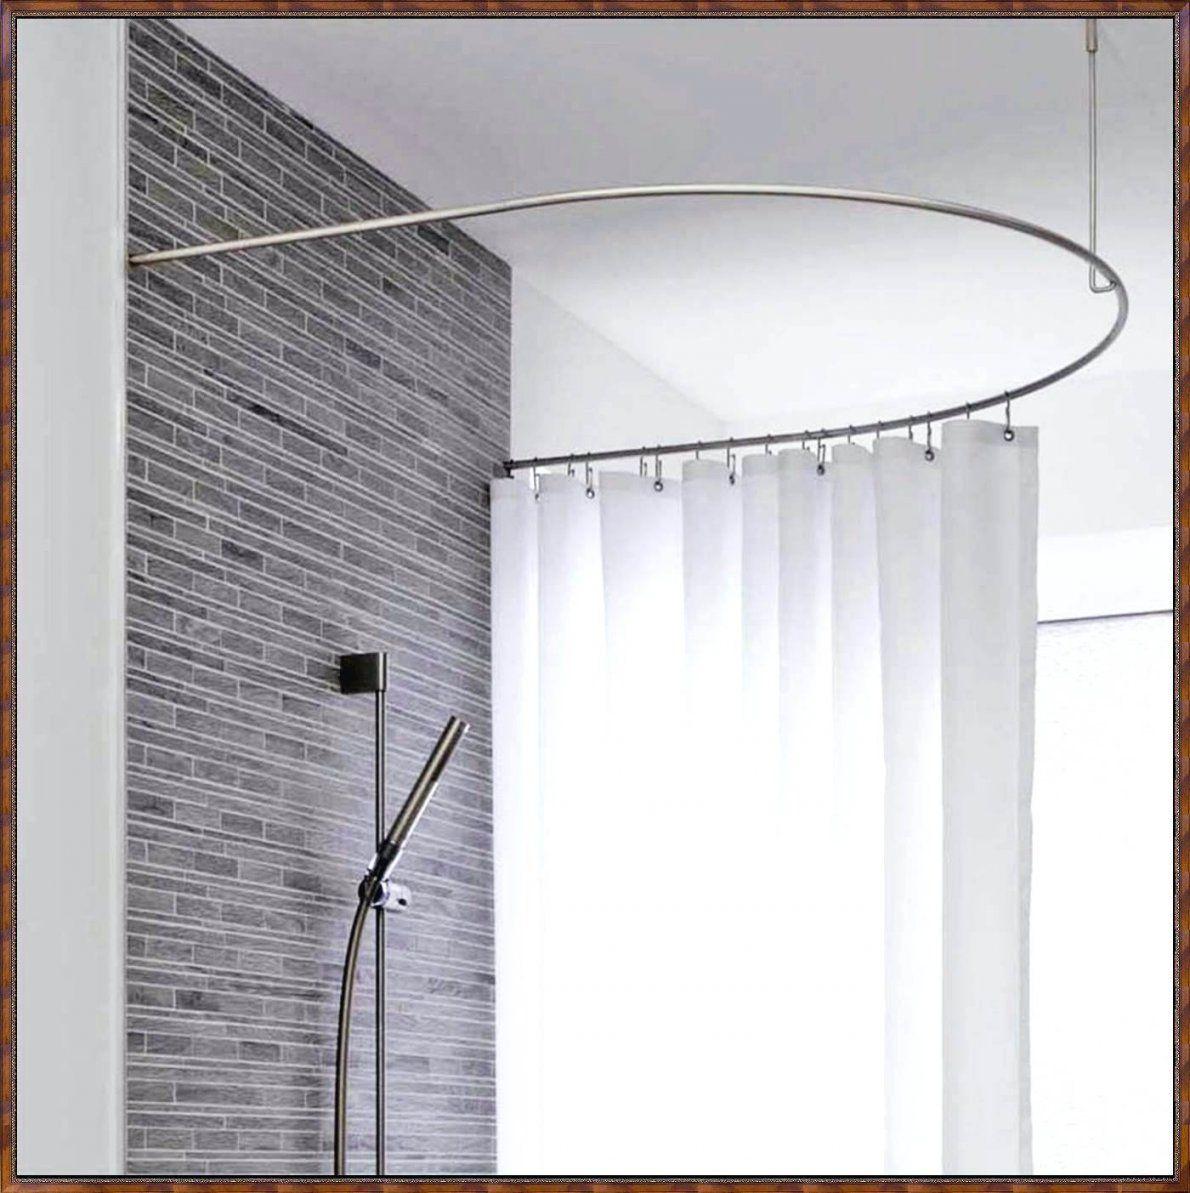 duschstange f r badewanne ohne bohren haus design ideen von duschvorhang f r badewanne ohne. Black Bedroom Furniture Sets. Home Design Ideas